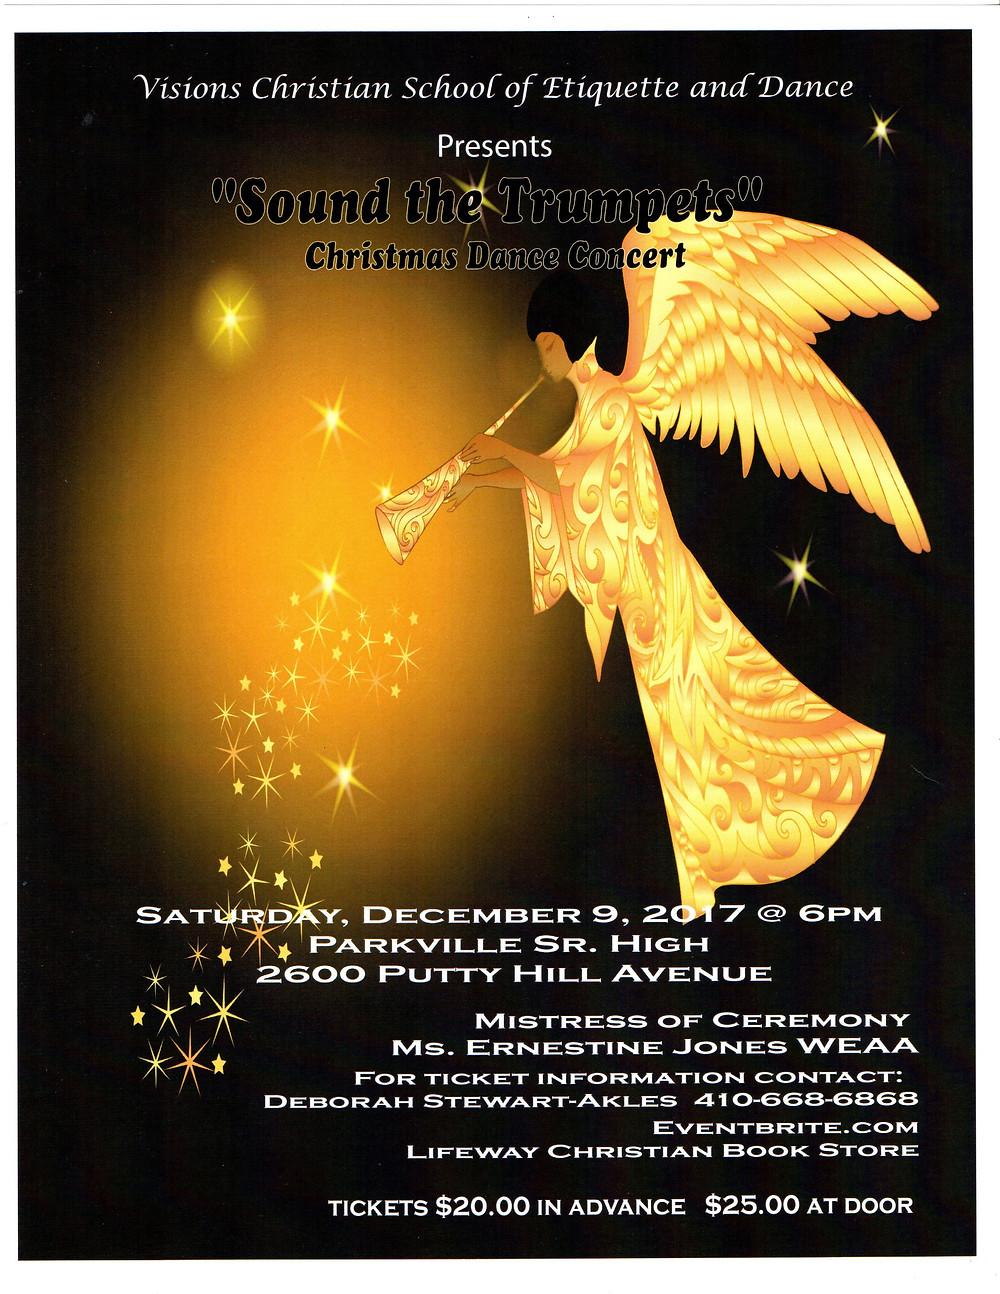 Christmas Dance Concert